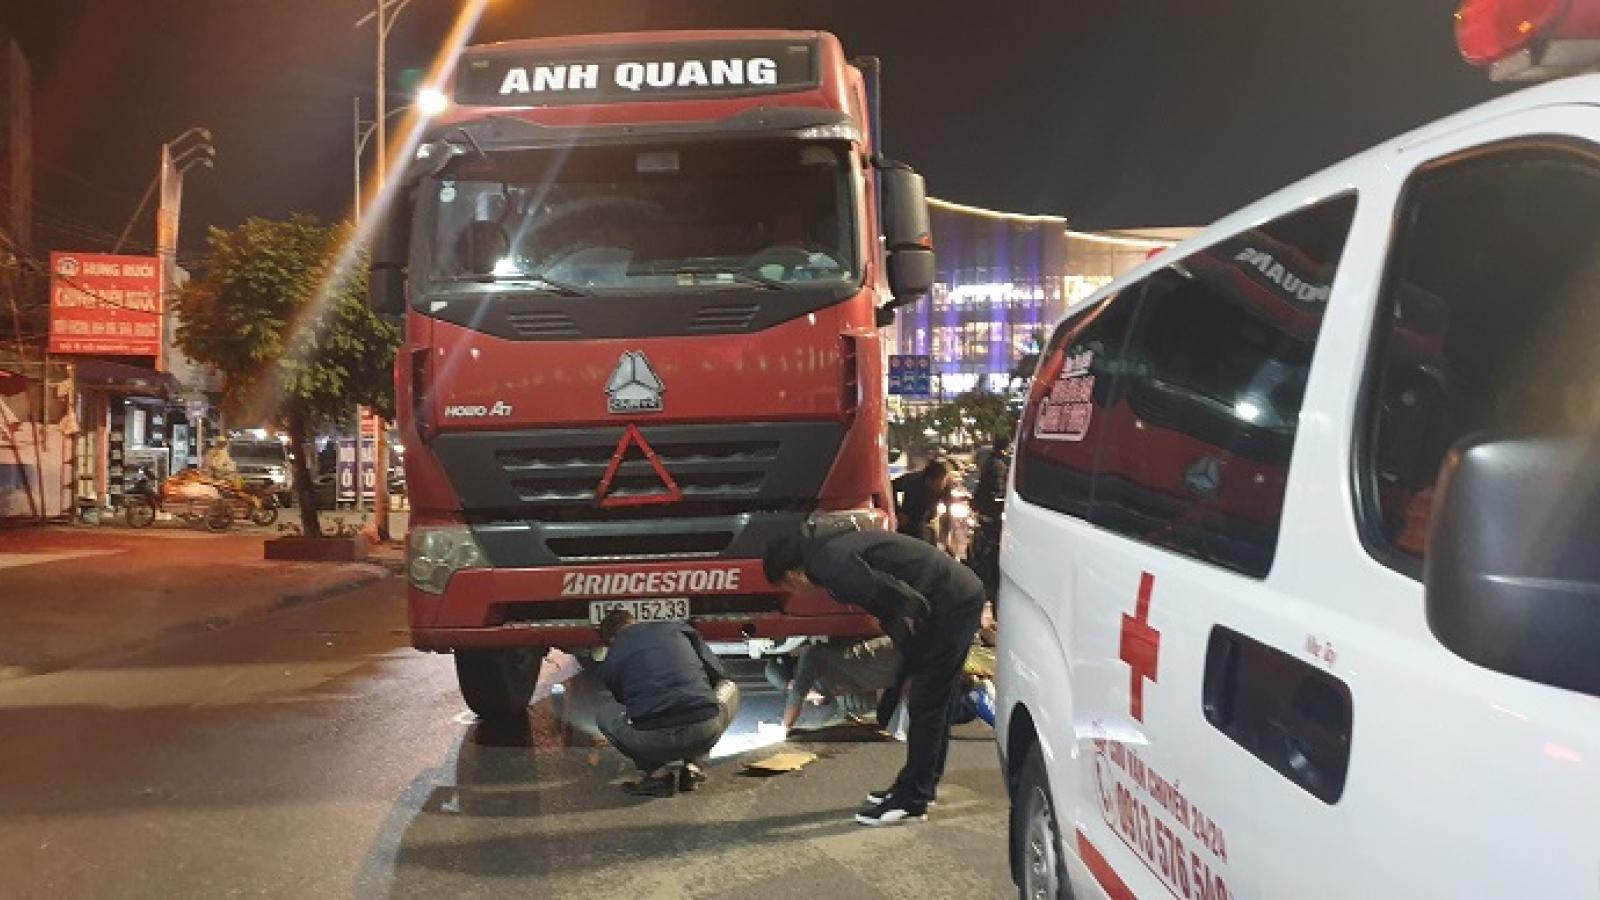 Va chạm với xe container, 1 thai phụ tử vong, 1 người bị thương